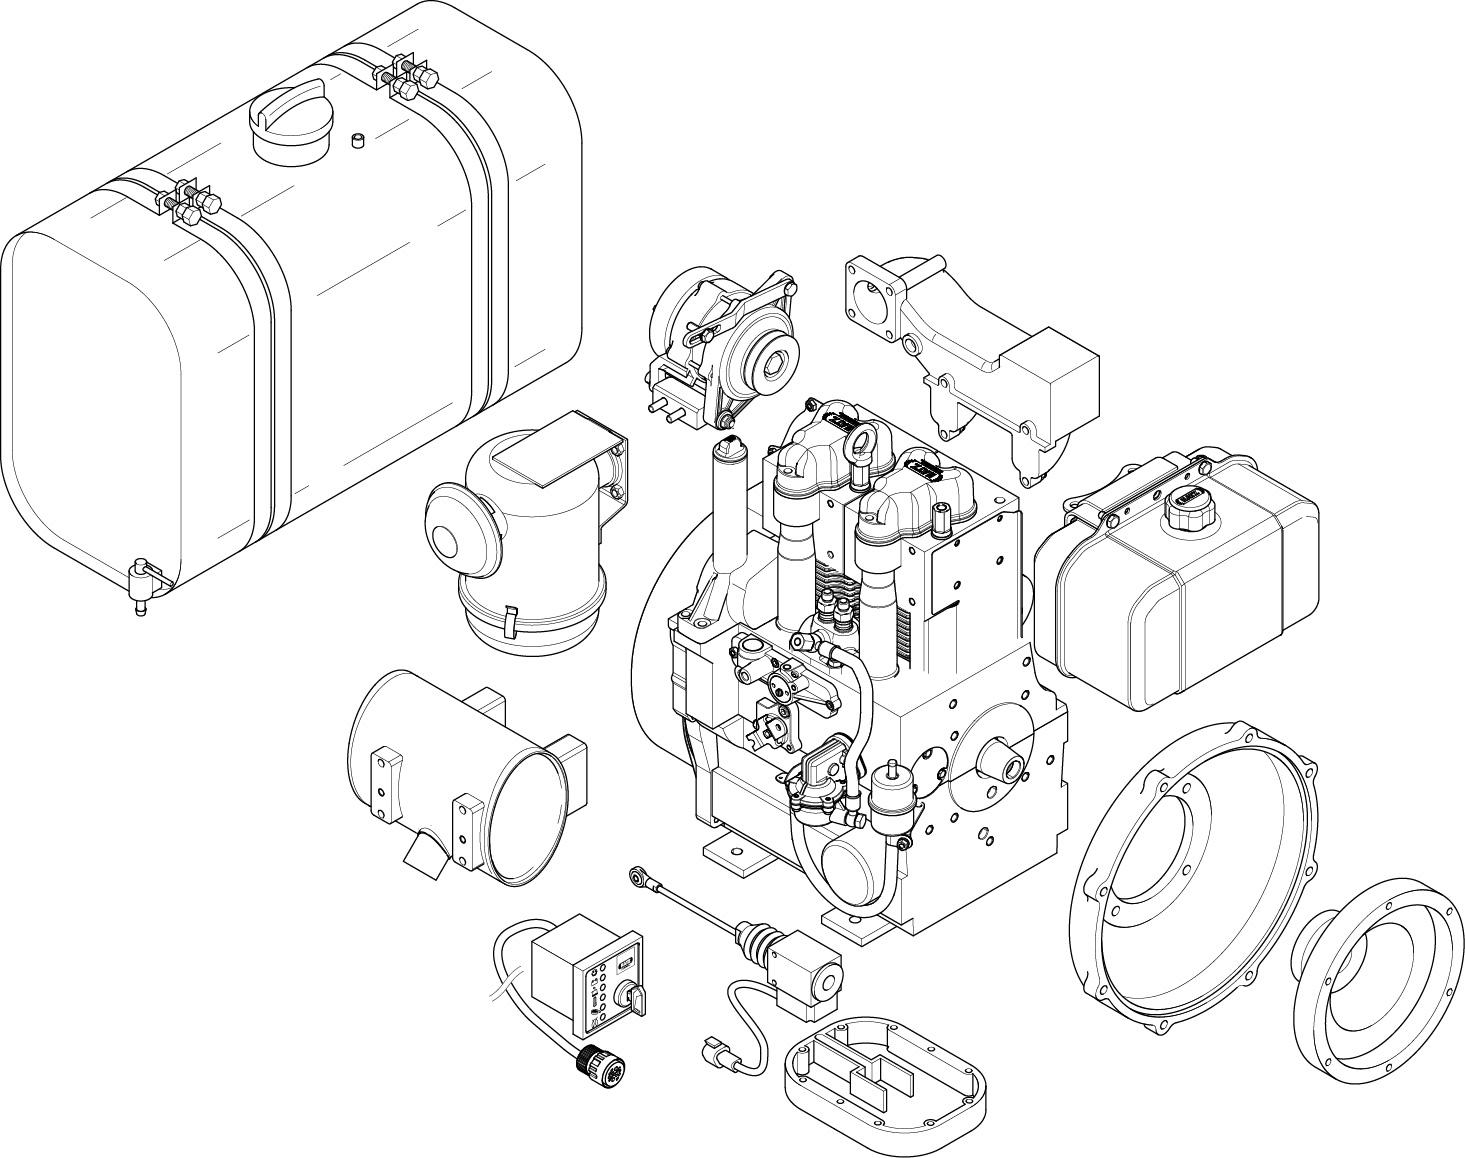 2g40 zusatzausruestung g series 2 cylinder engine industrial diesel engine hatz diesel hatz 2g40 wiring